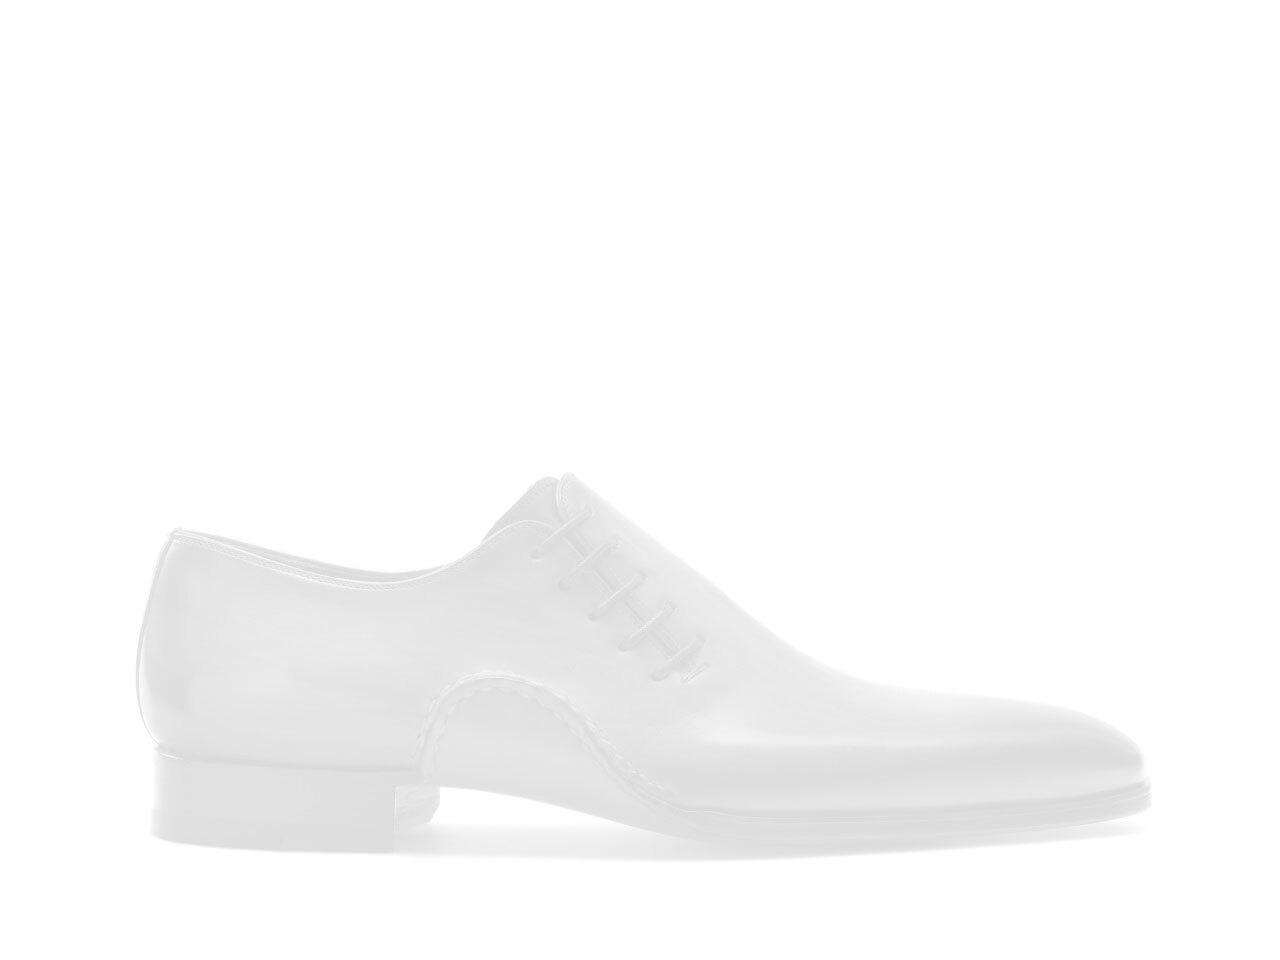 Burgundy velvet tuxedo loafer shoes for men - Magnanni